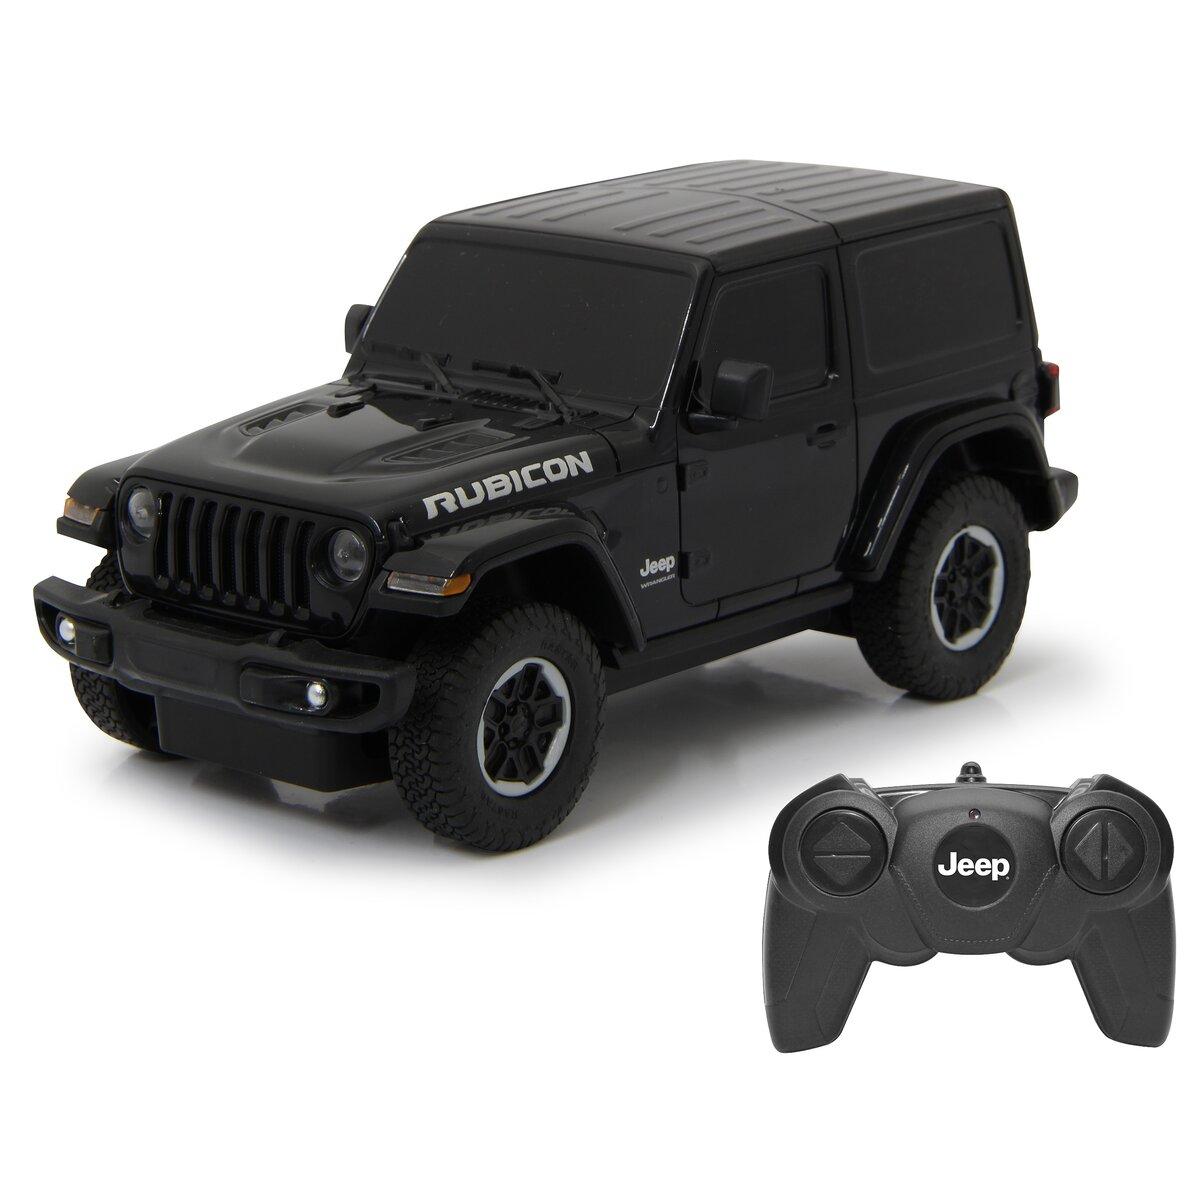 Jeep Wrangler JL 1:24 schwarz 27MHz